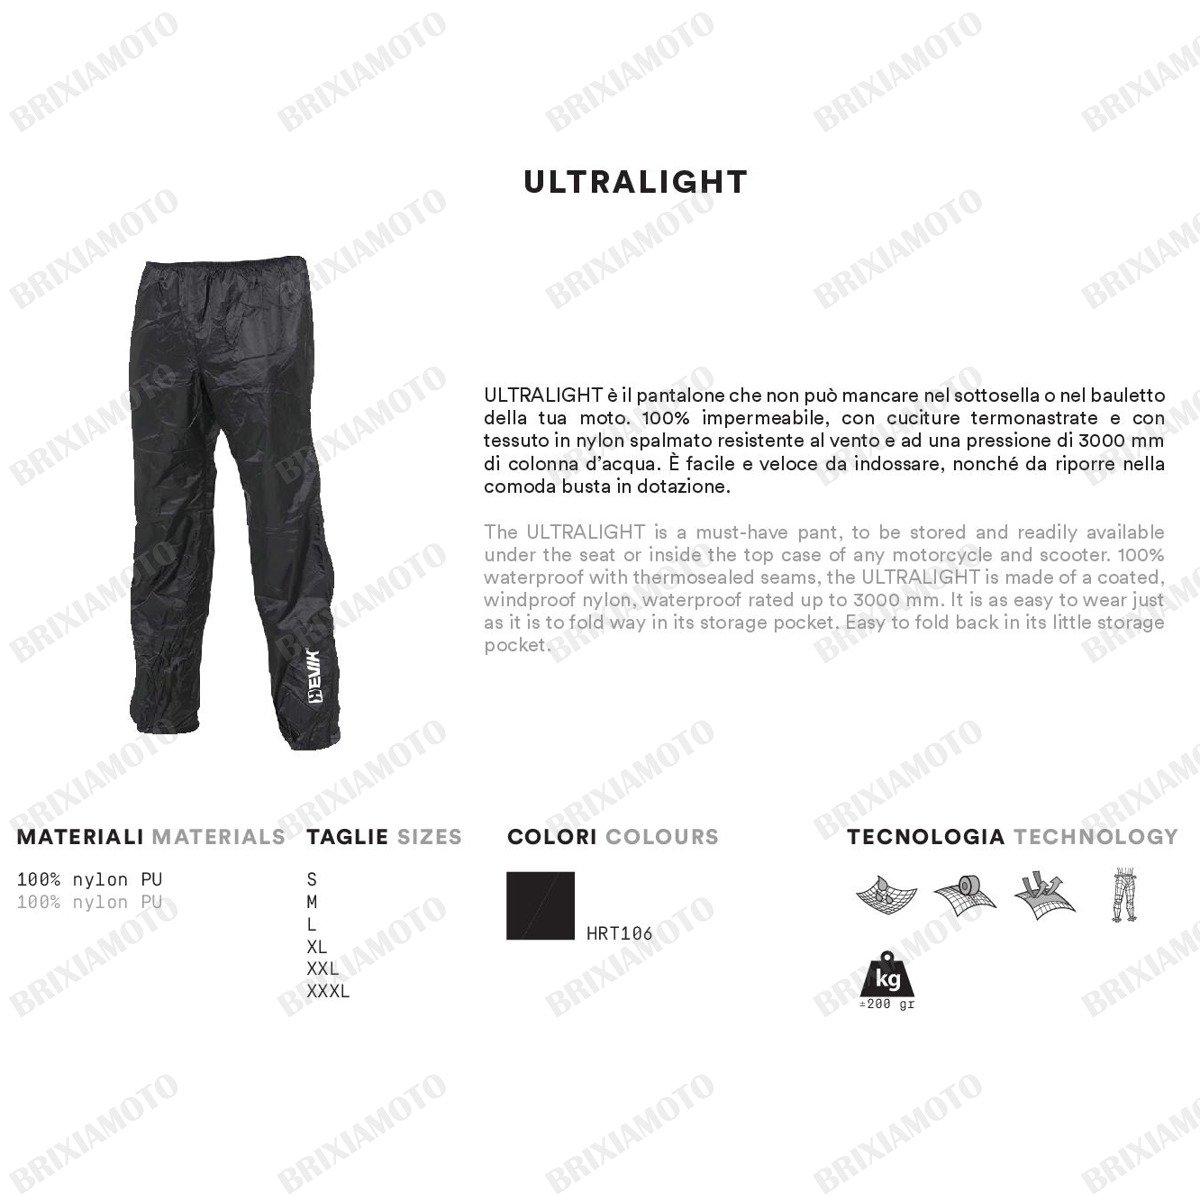 HEVIK HRT106L Pantalone Antiacqua L